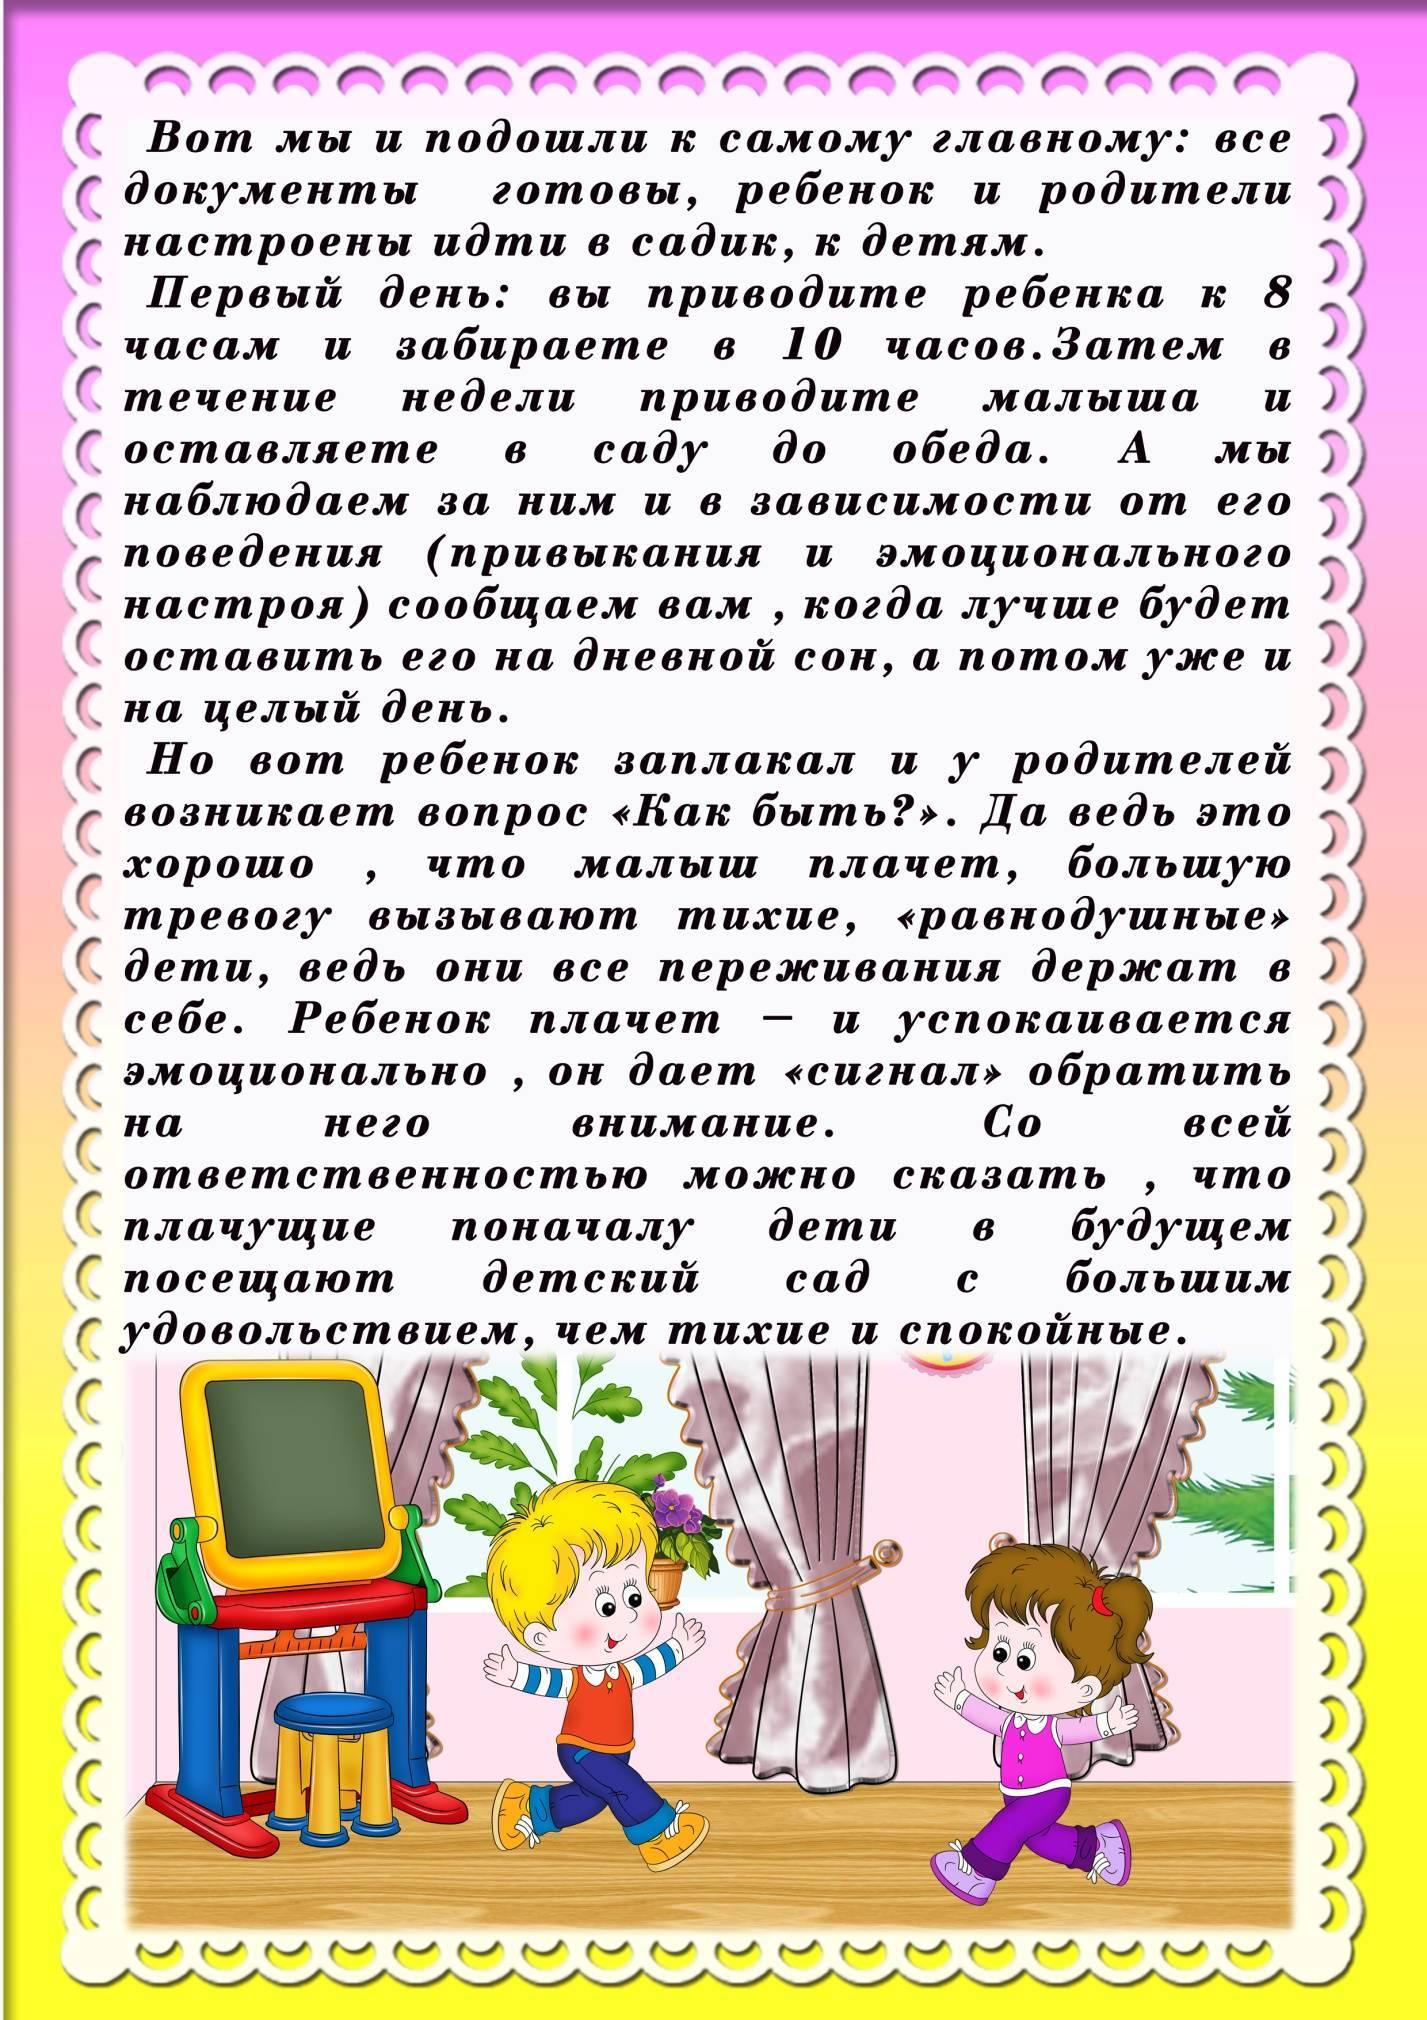 Адаптация к детскому саду (как пройти, рекомендации психологов)